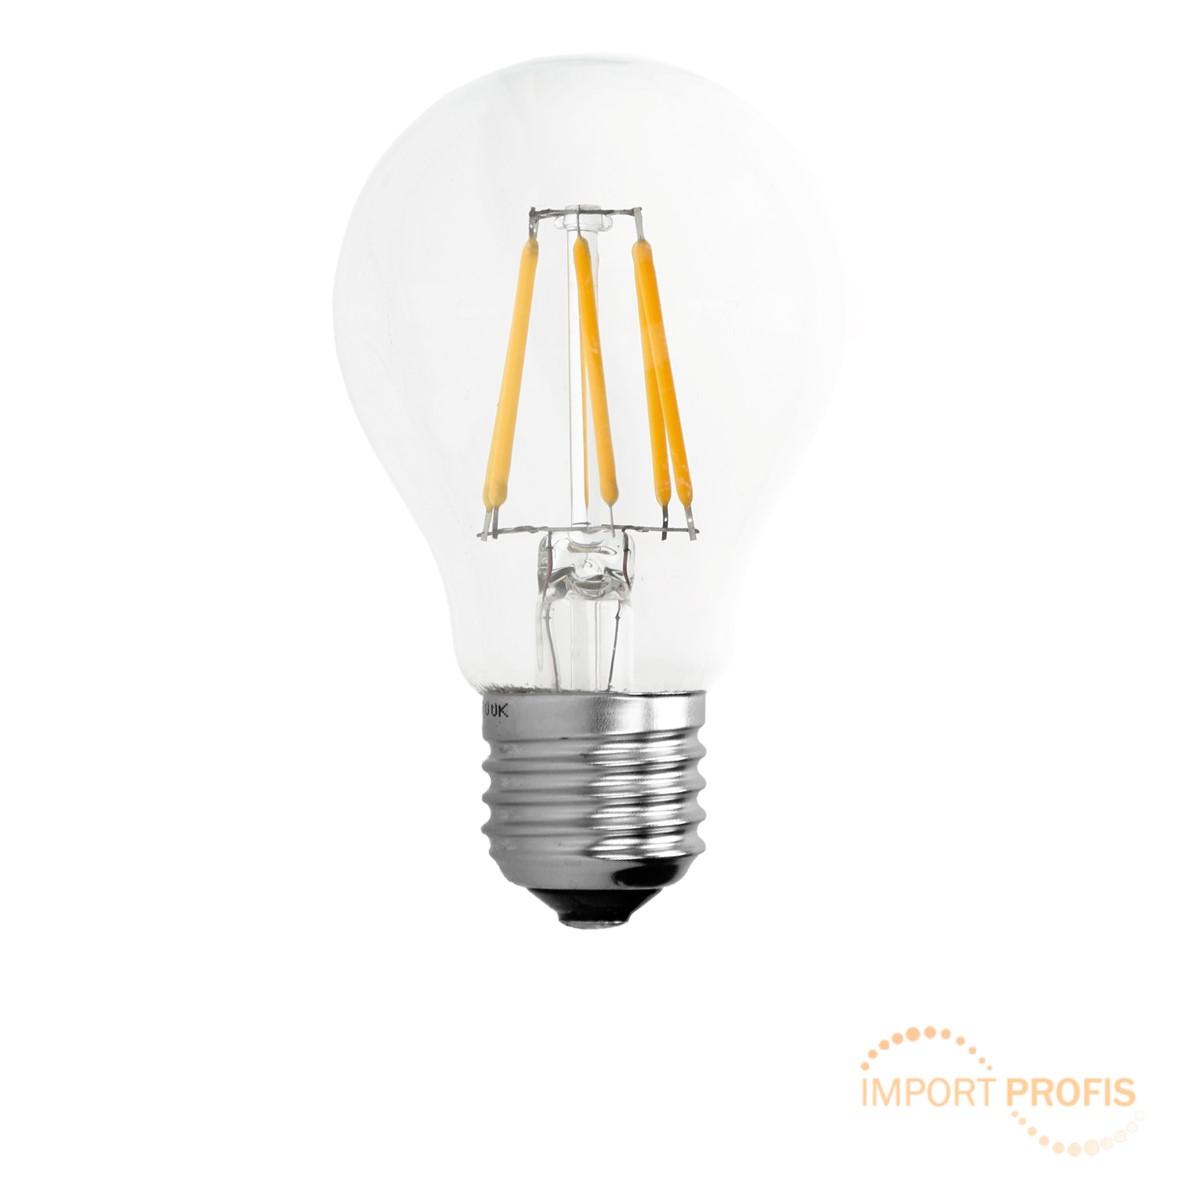 e27 led birne filament vintage retro lampe leuchtmittel. Black Bedroom Furniture Sets. Home Design Ideas